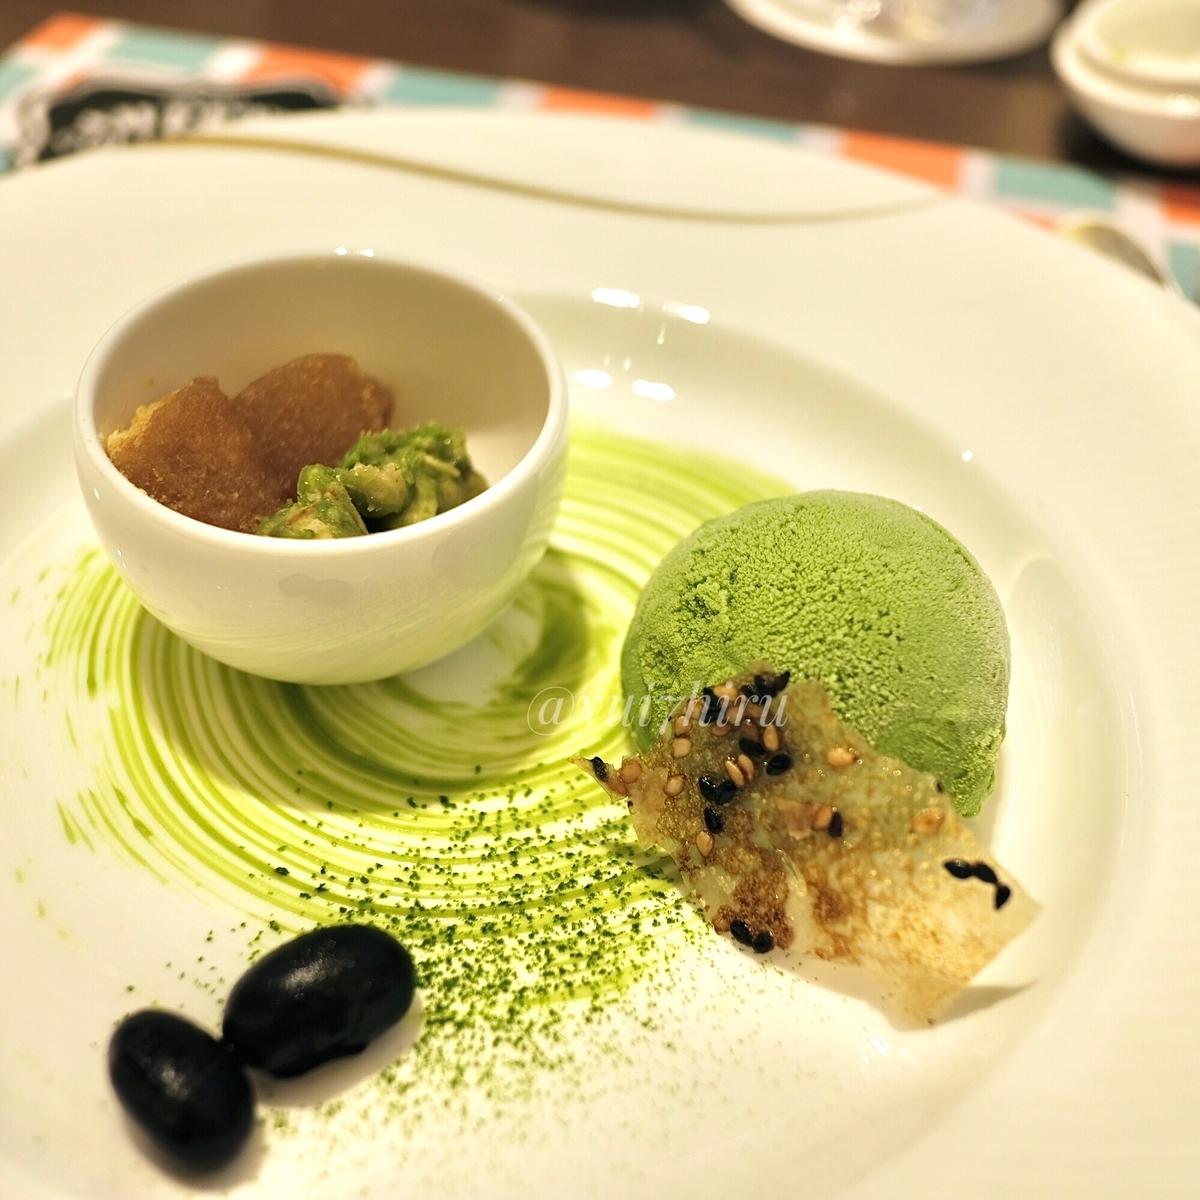 グリーンティーのアイスクリームと抹茶グラノーラ、きな粉餅黒蜜かけ